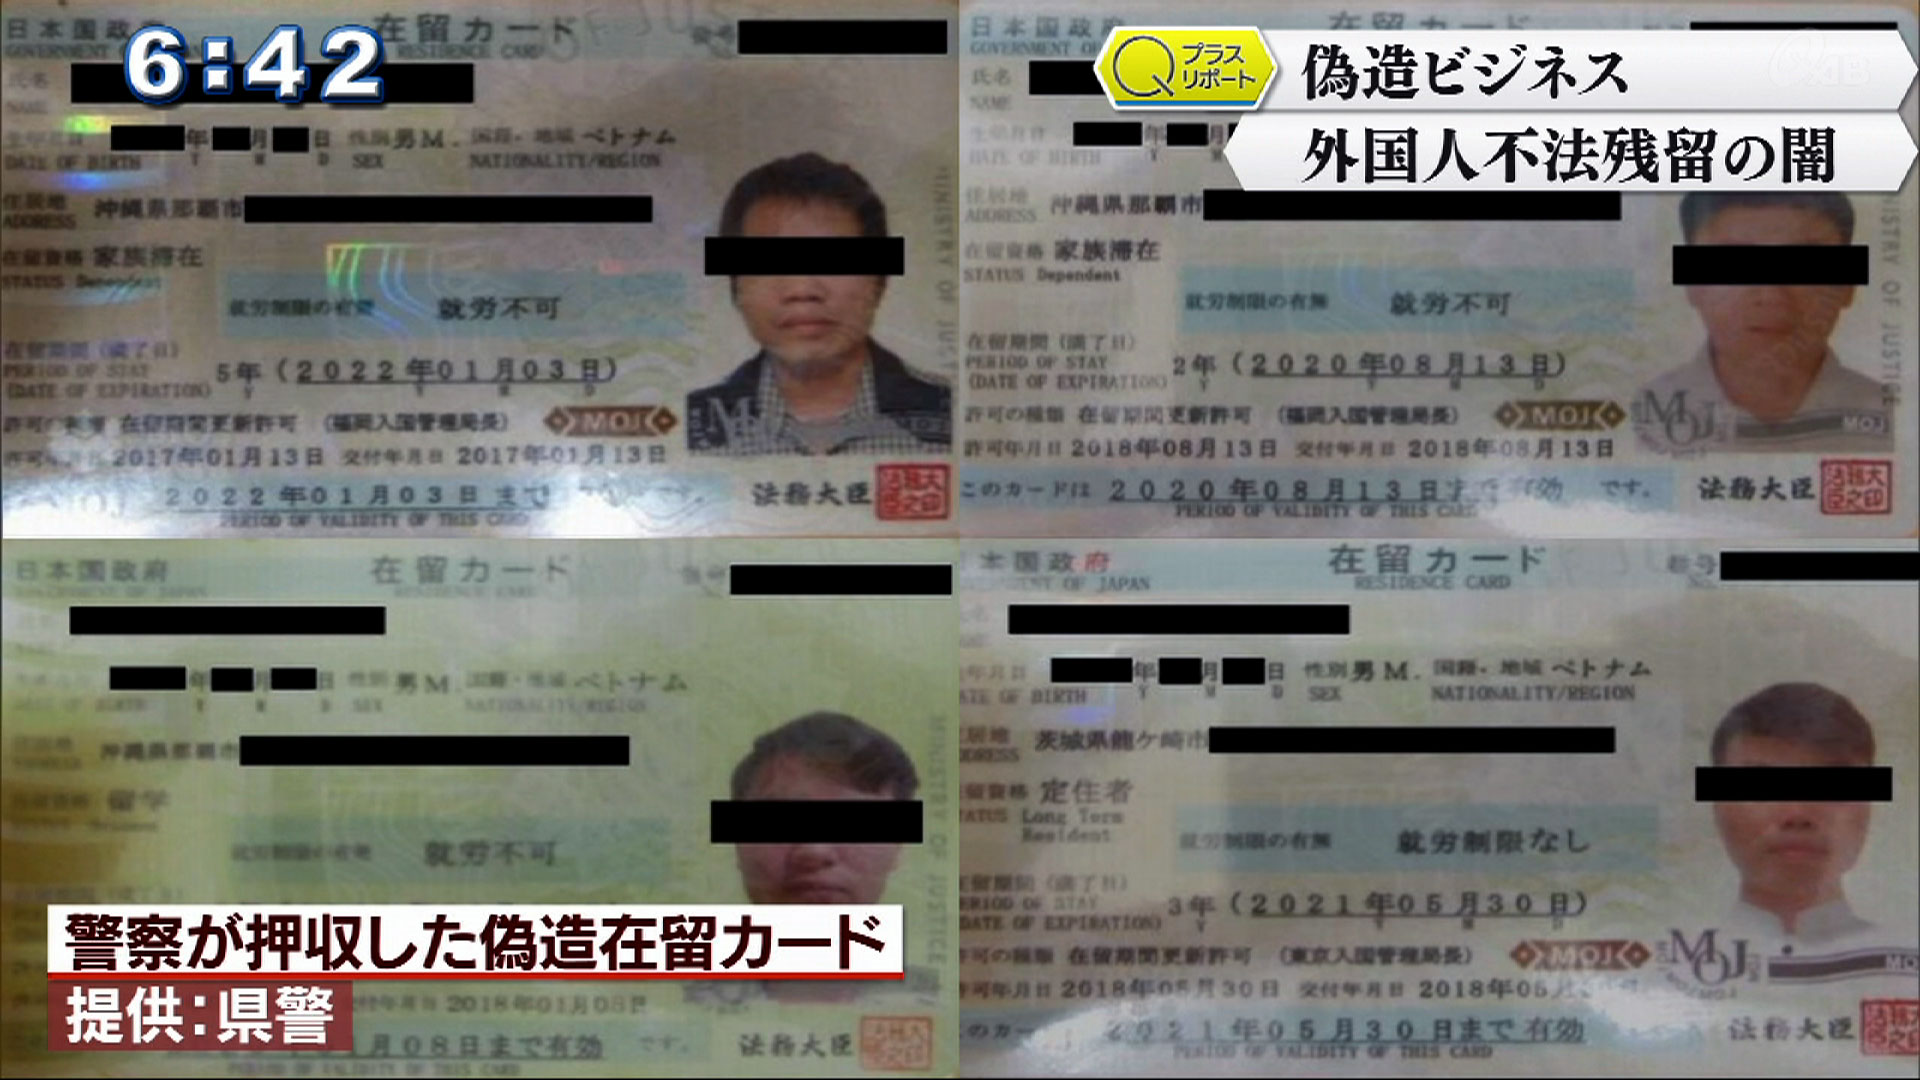 Qプラスリポート 偽造ビジネス 外国人不法残留の闇